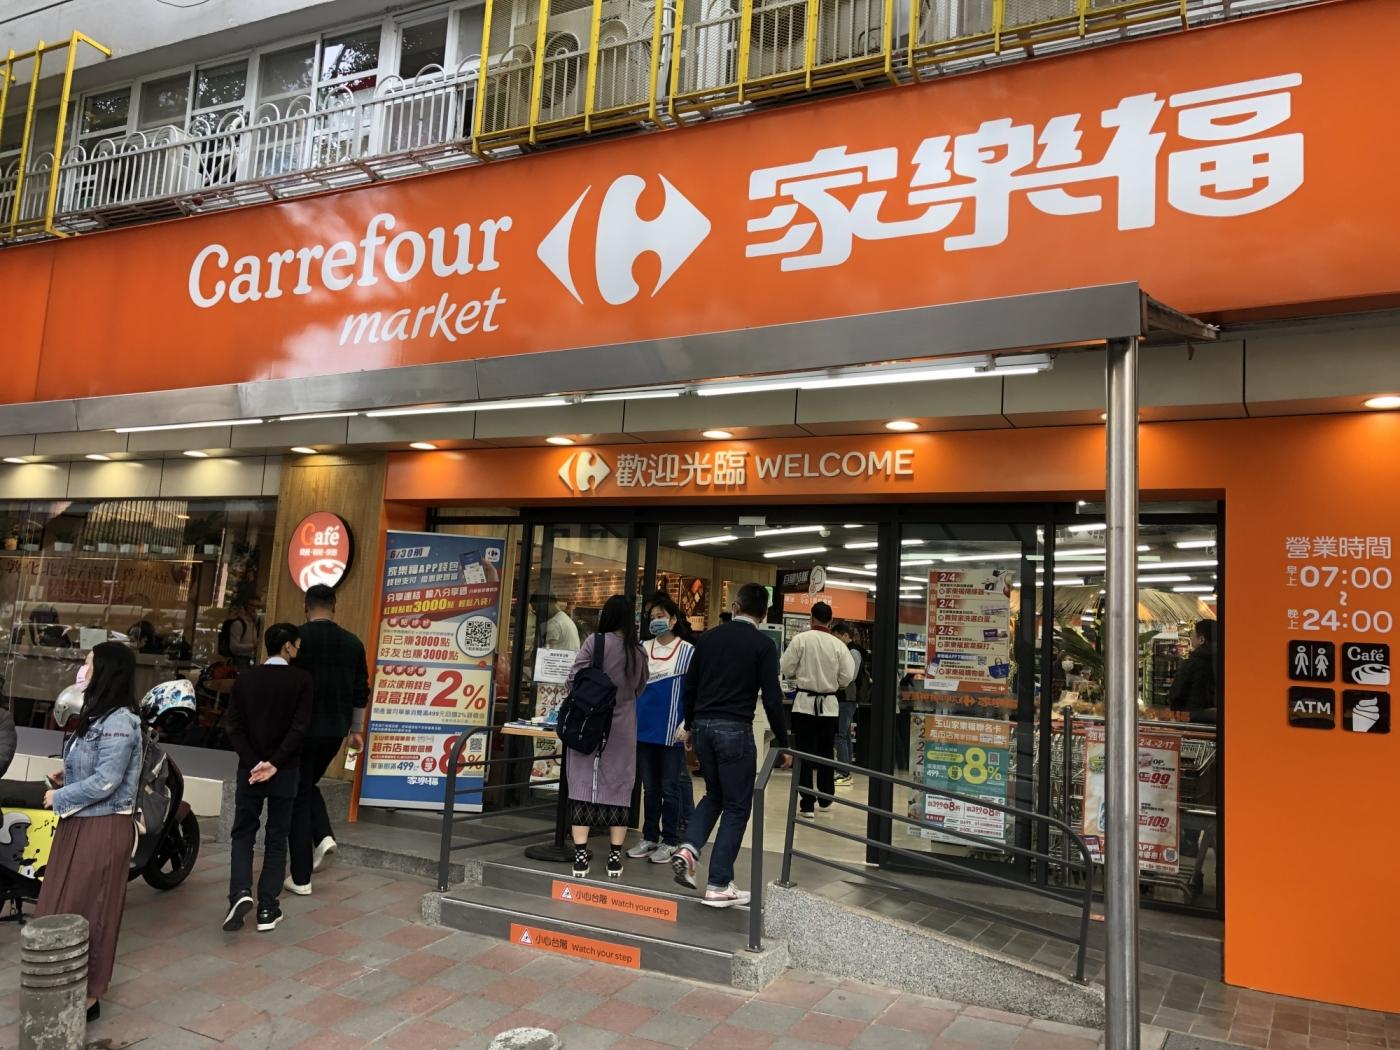 頂好改裝的首間家樂福超市開幕,賣現做便當、還有休憩區!未來還要如何展店?